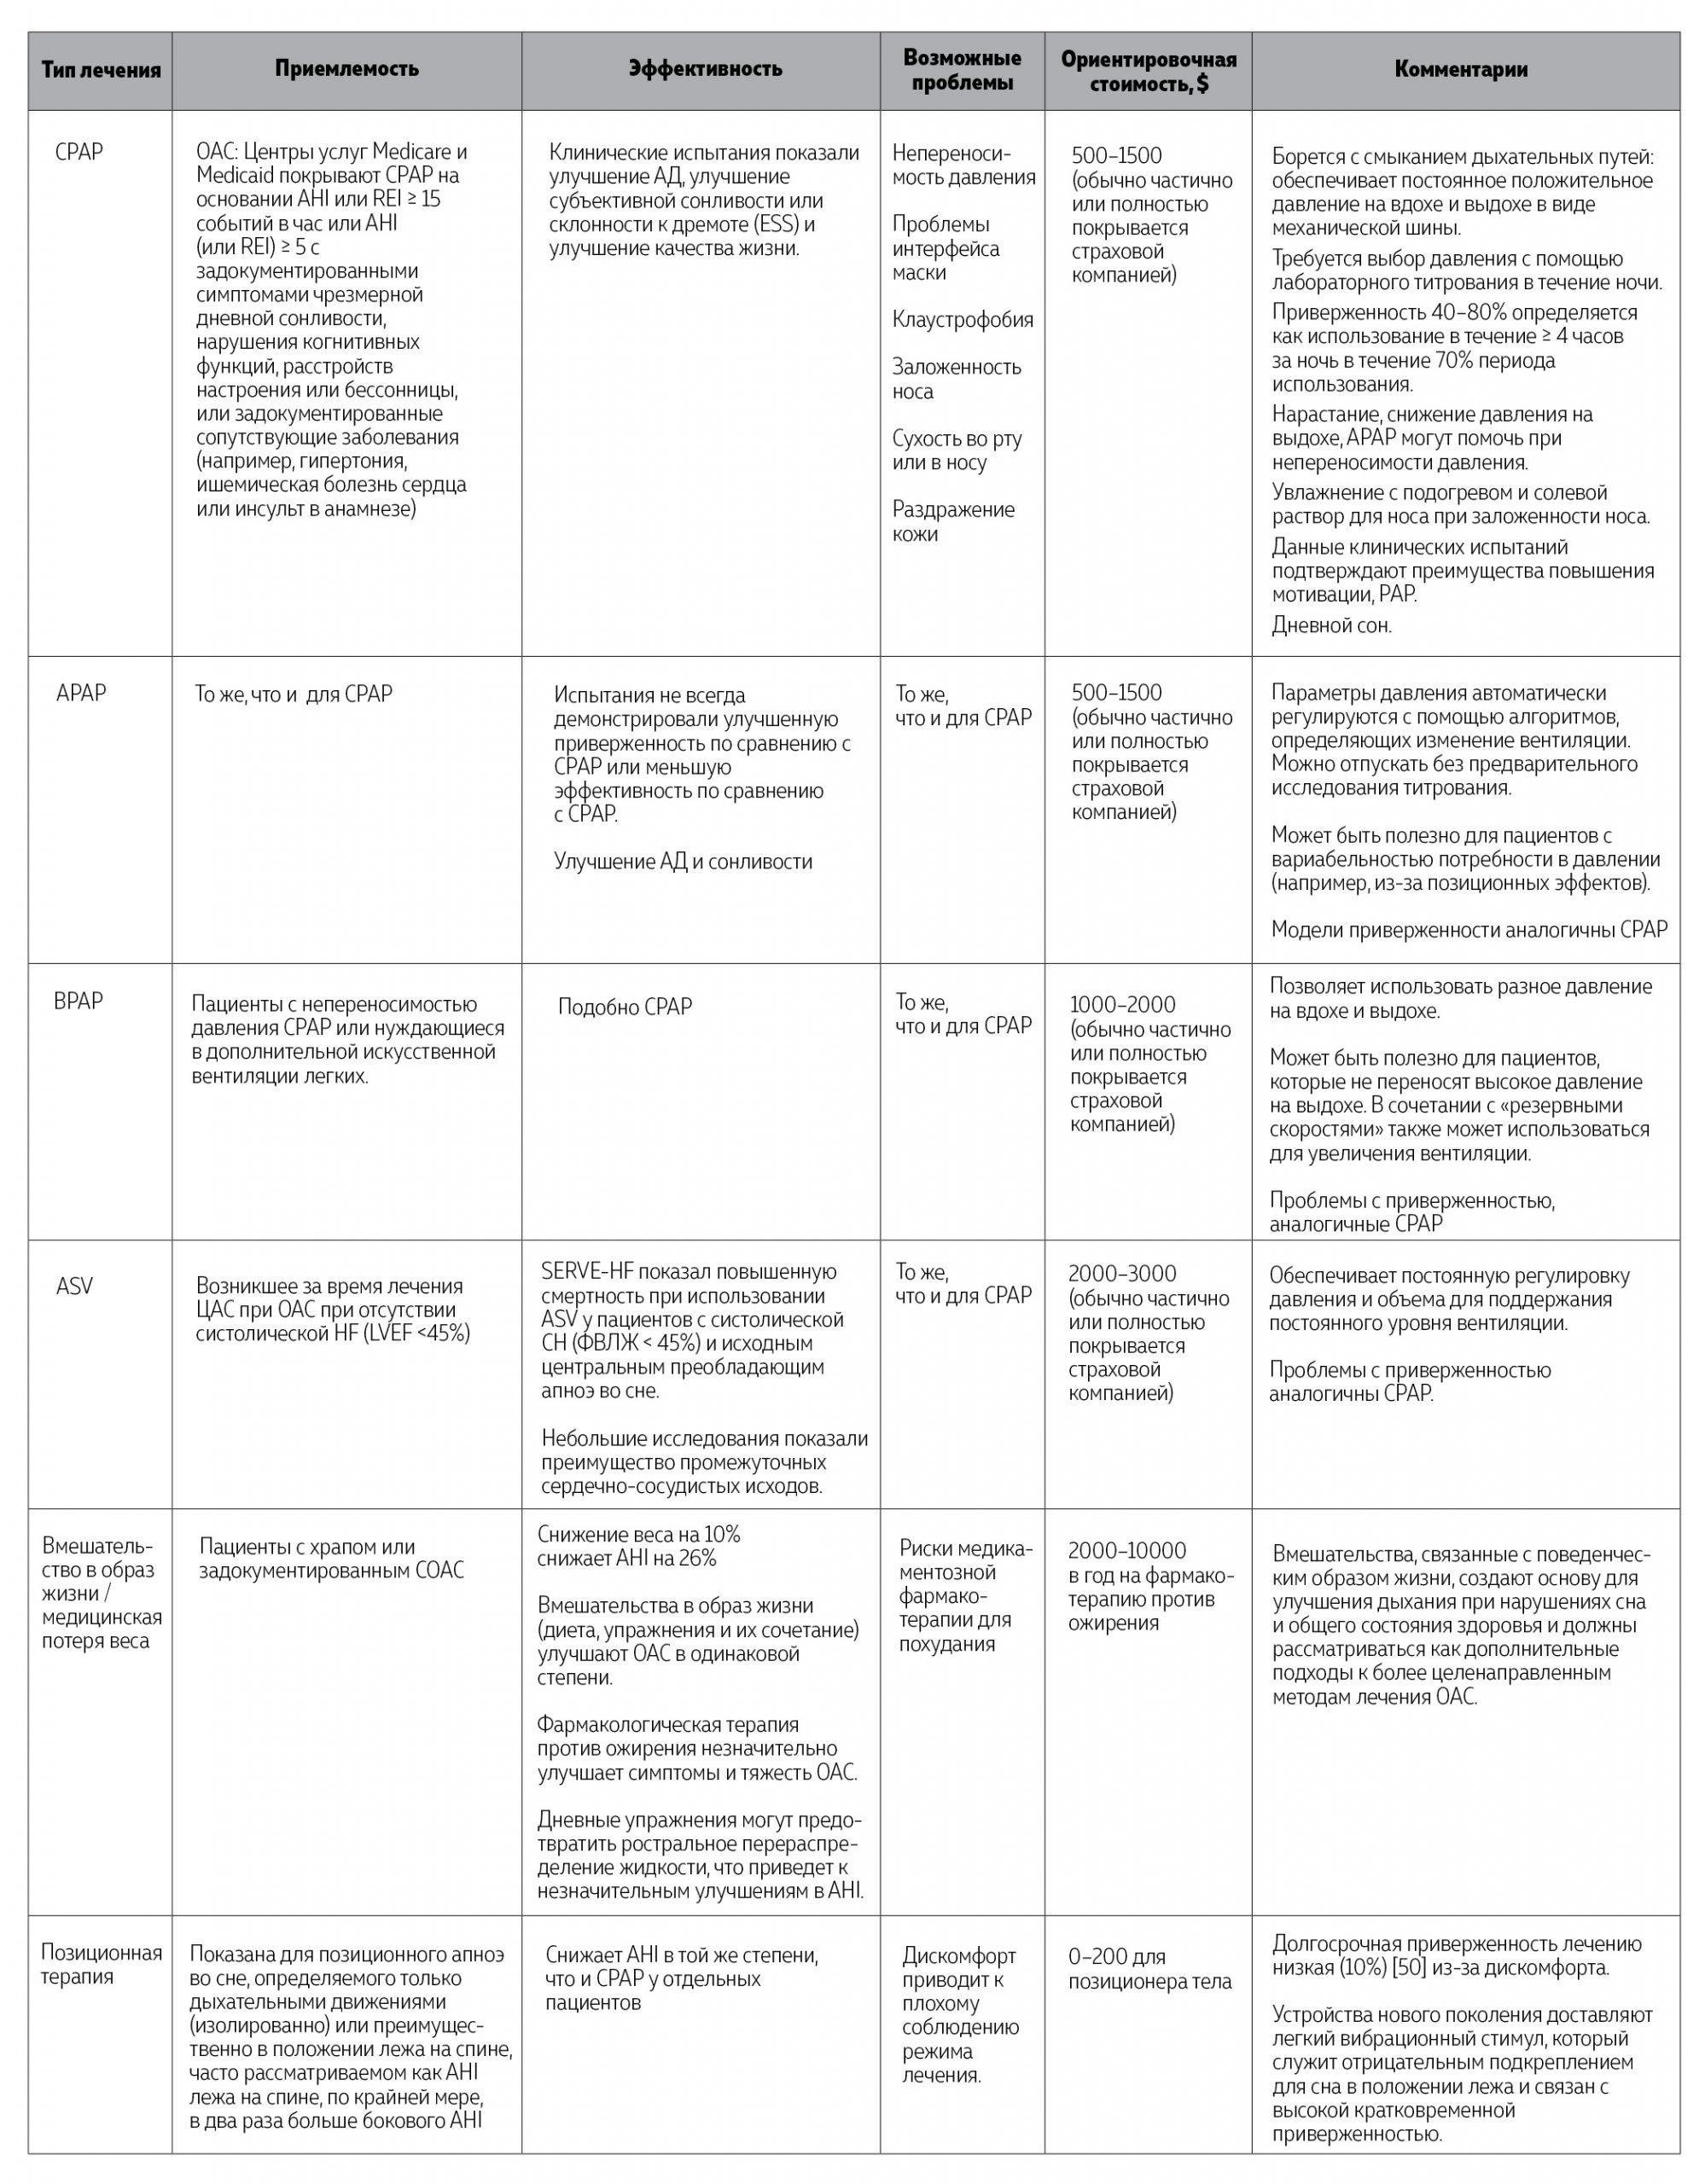 Таблица 2. Варианты лечения обструктивного апноэ во сне